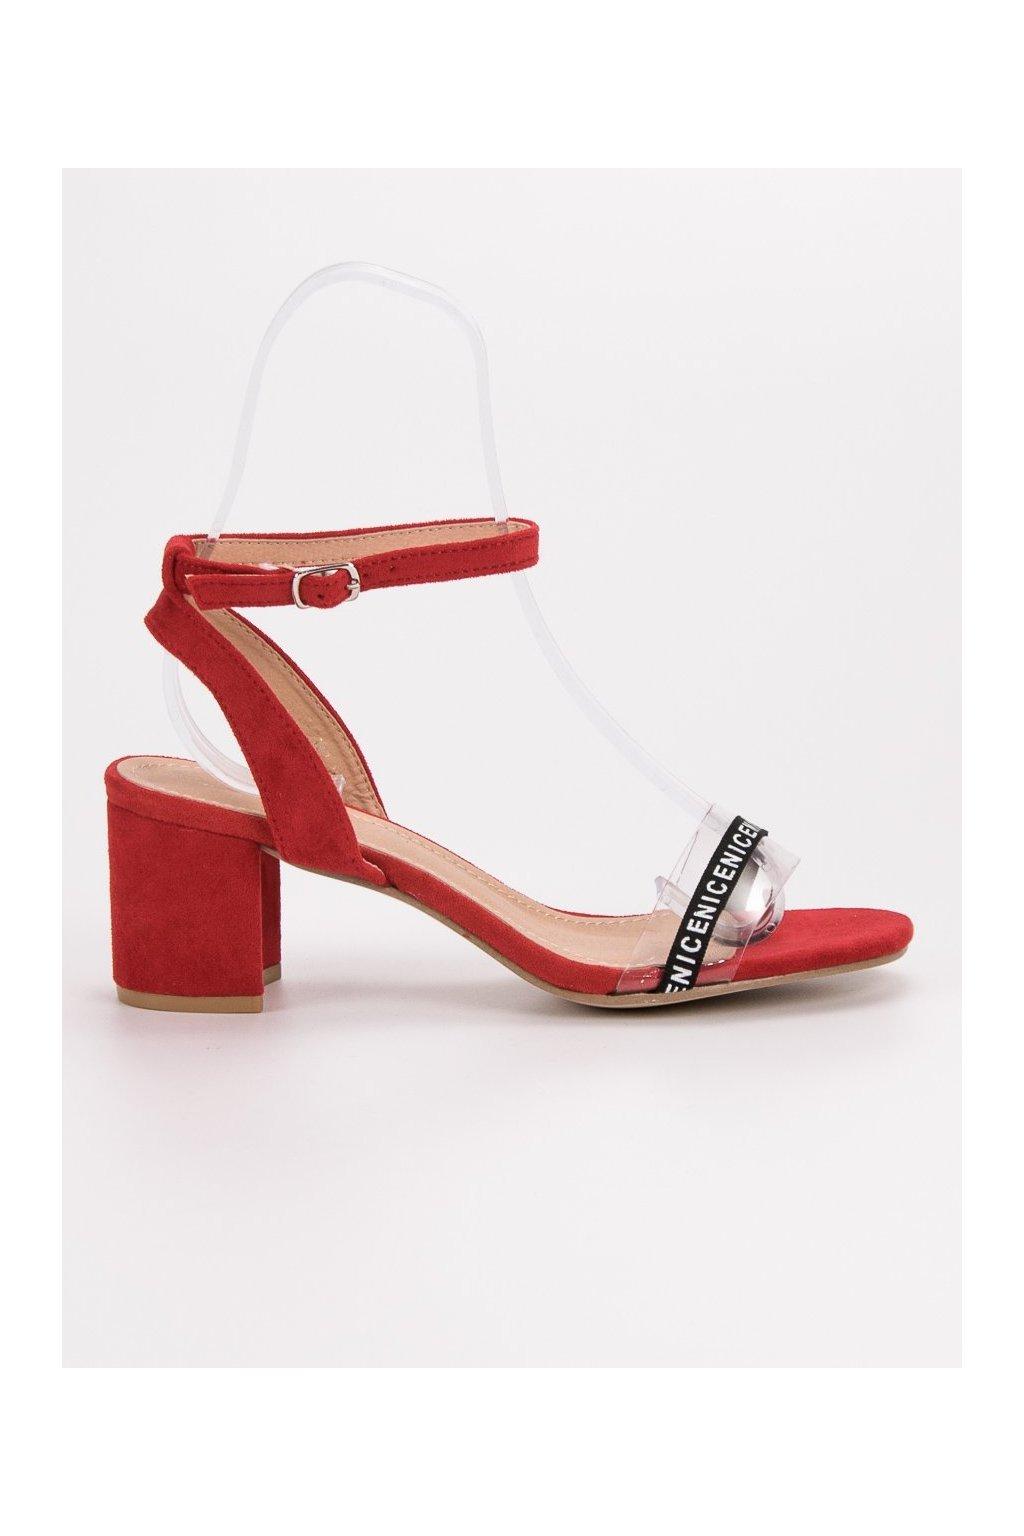 Červené dámske sandále na stĺpiku Ideal shoes S-7347R